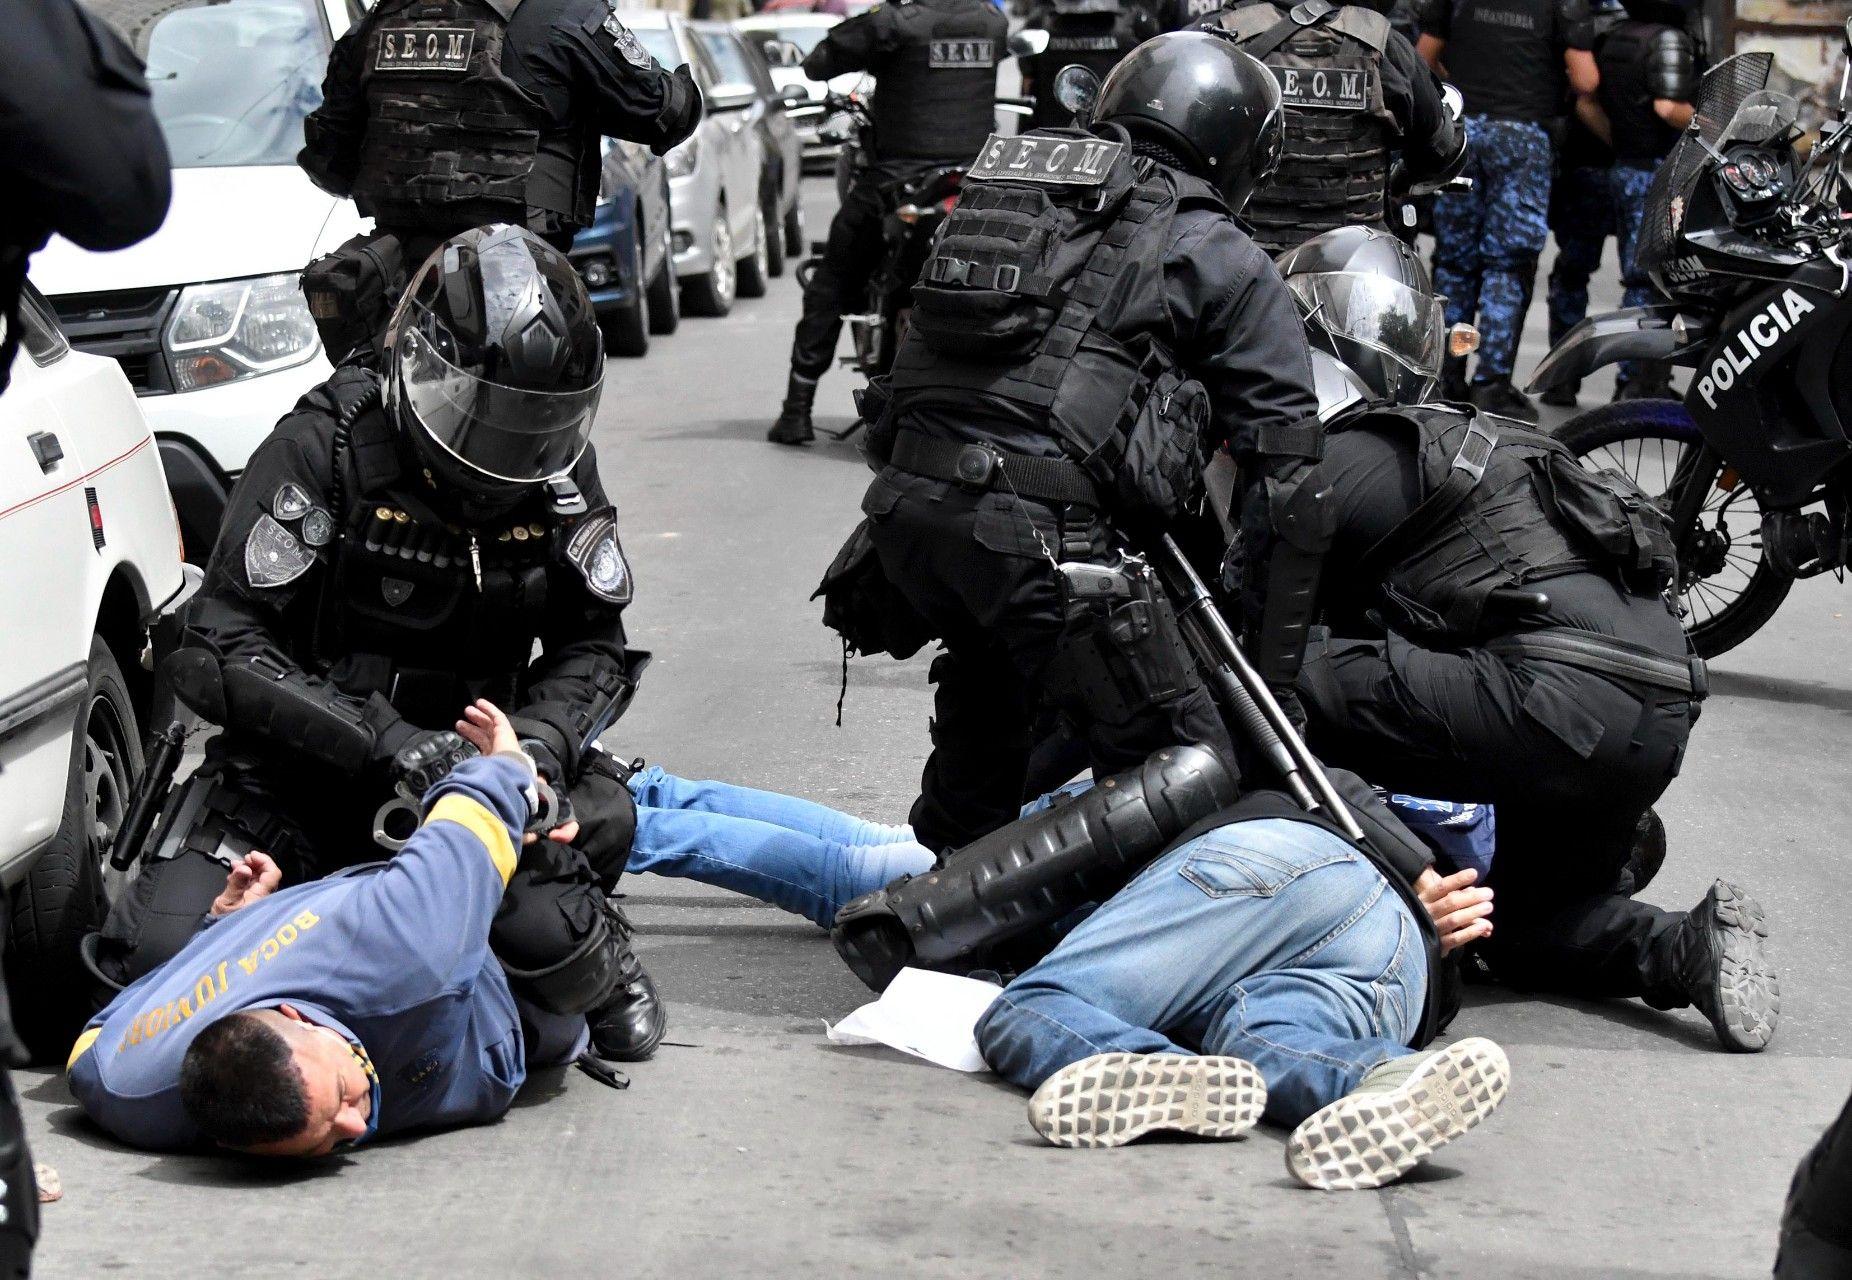 [ ARGENTINA  ] Represion y crimenes del Estado  - Página 2 Imagen_7899